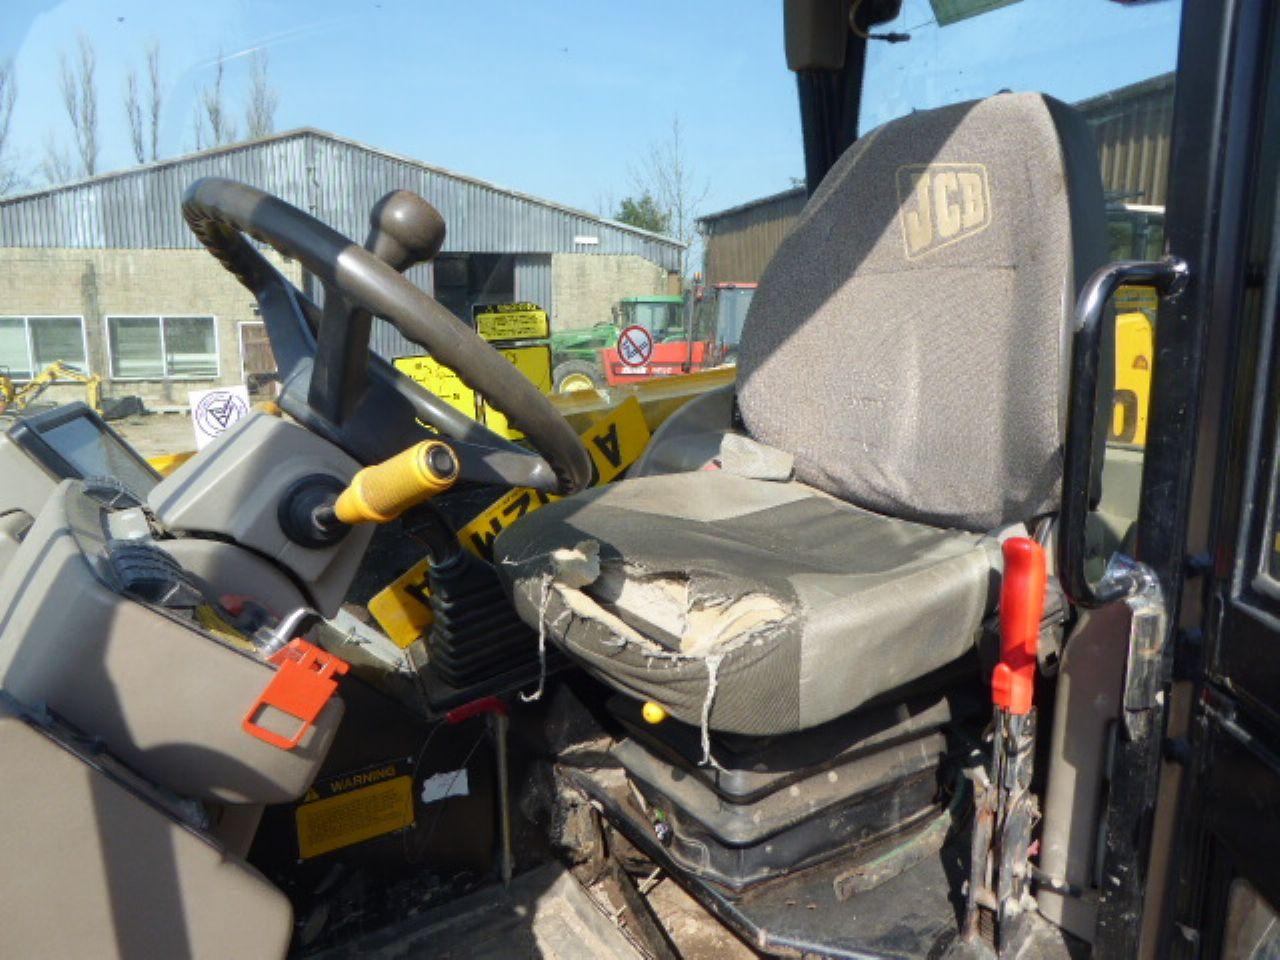 JCB 530-70 AGRI SUPER TELEHANDLER - Picture 5